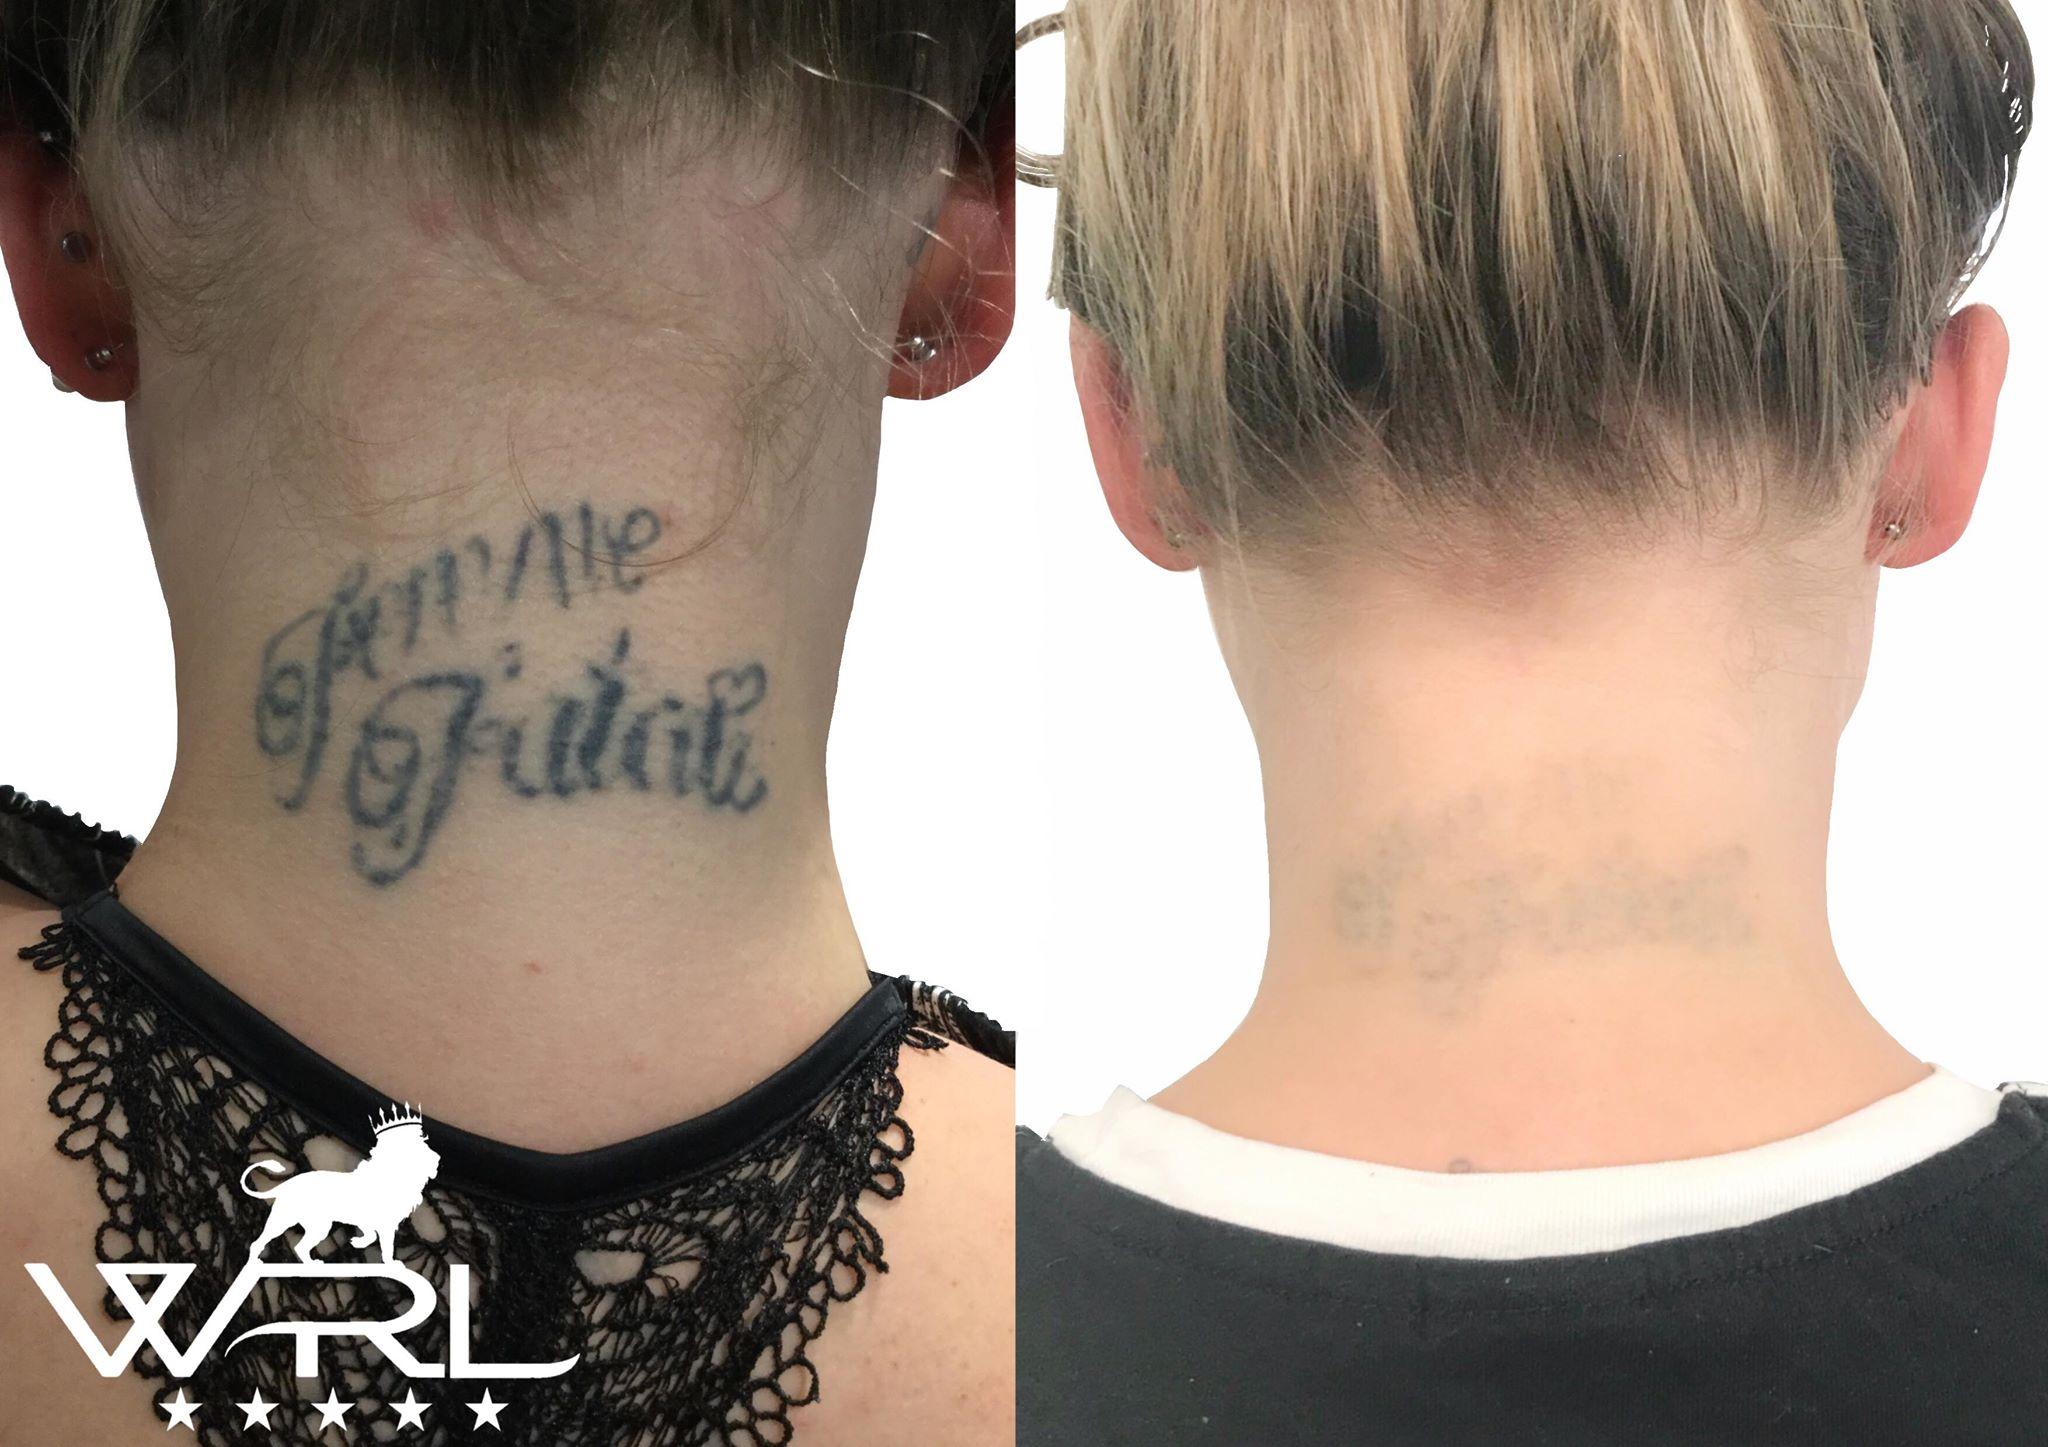 Tattoo Removal, Neck Tattoo - Whiteroom Laser Ltd